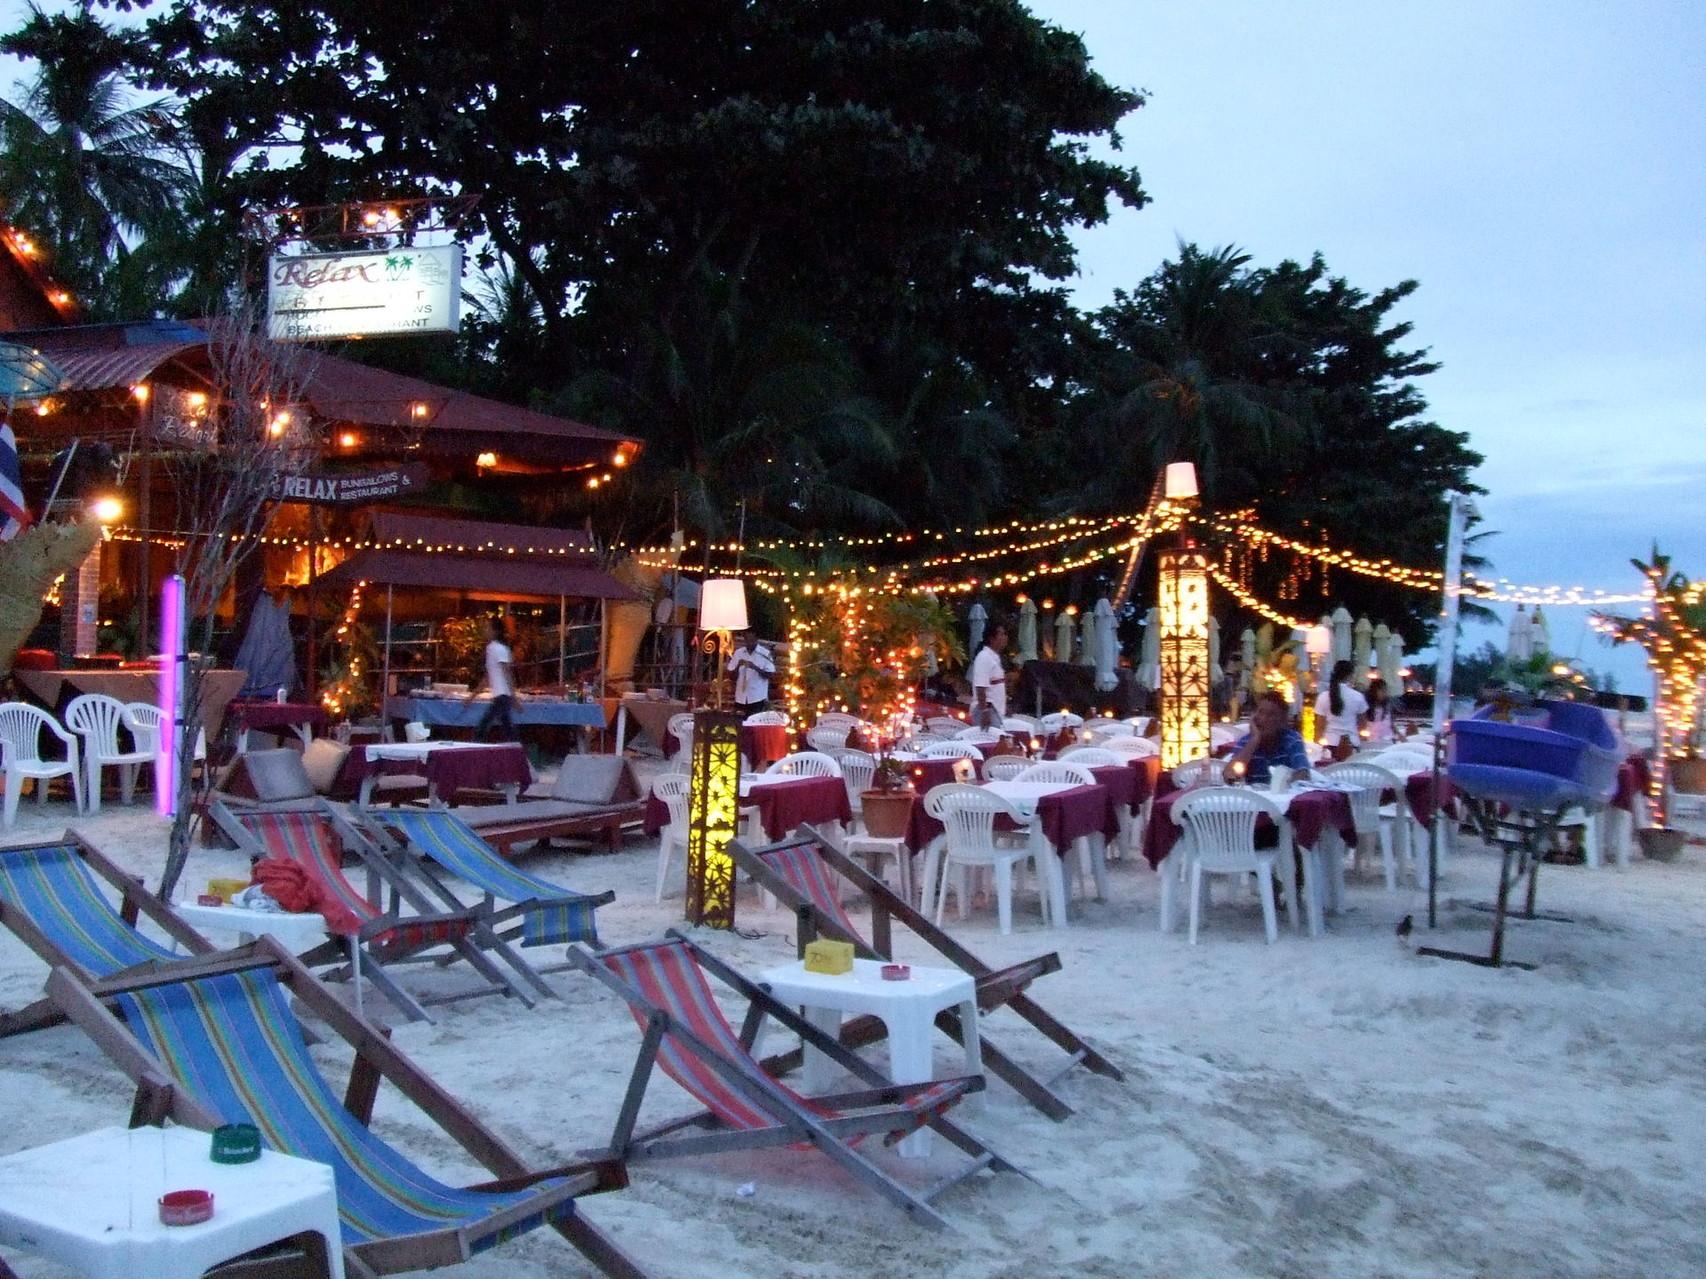 Es gibt unzählige tolle Restaurants und Bars direkt am Strand gelegen